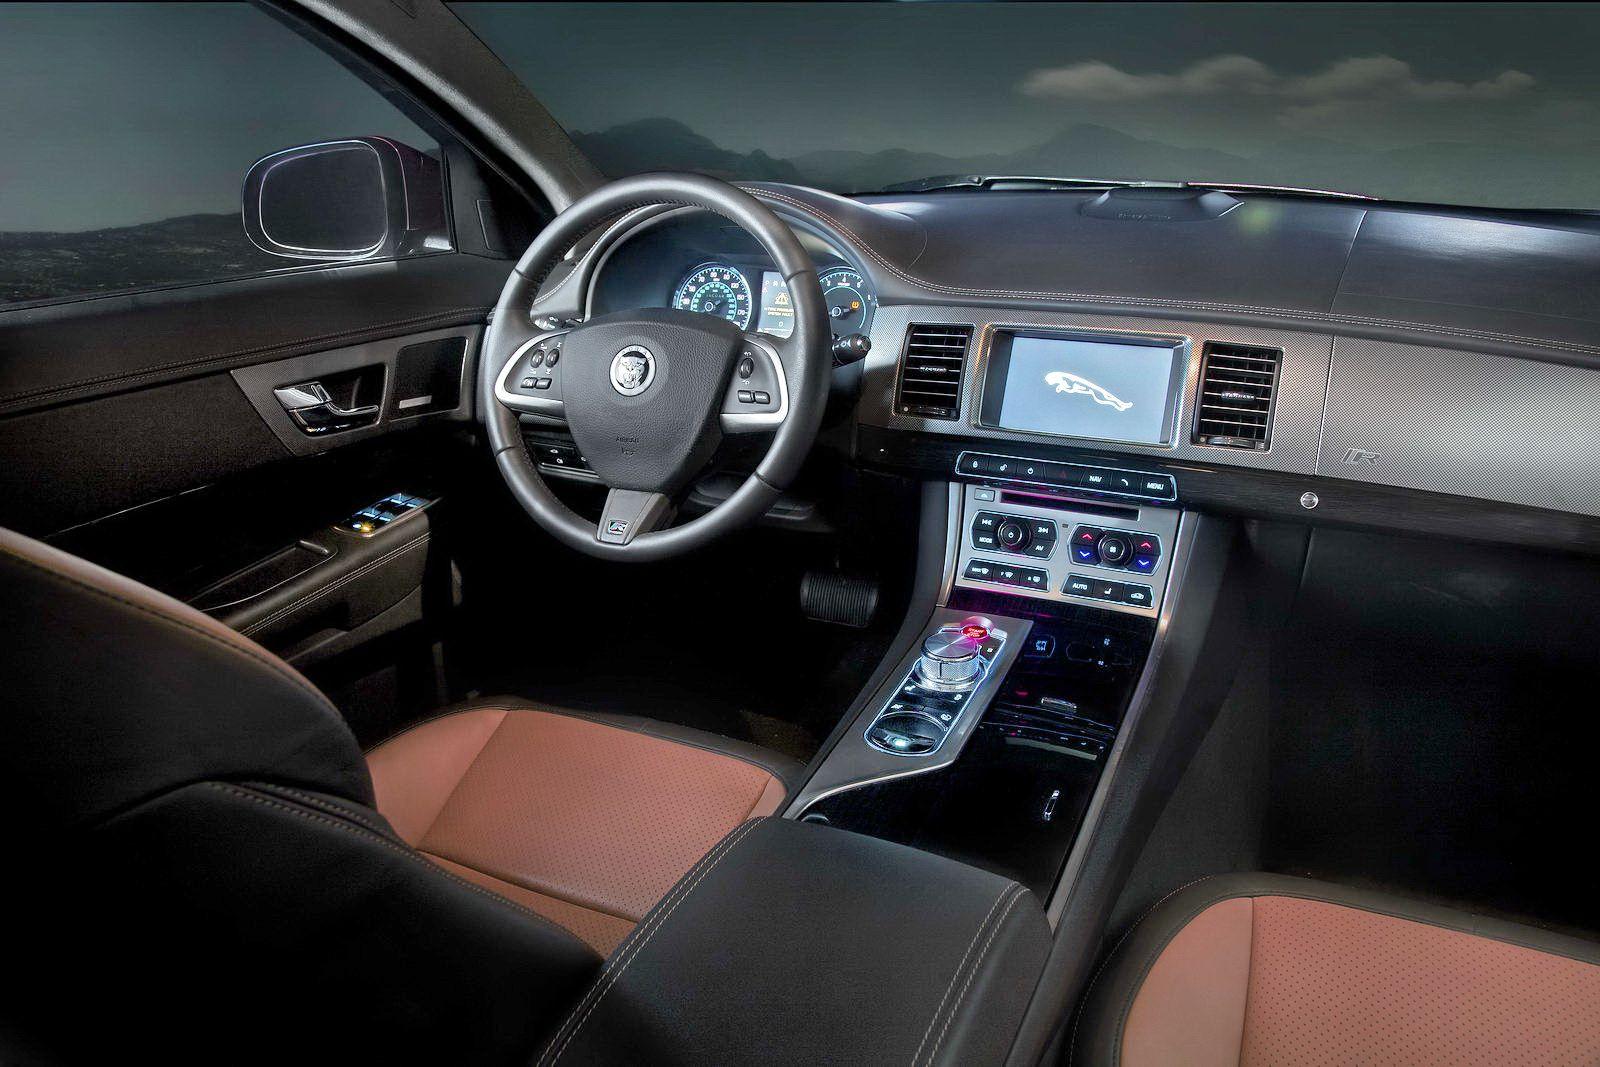 2012 Jaguar Xf 2012 Jaguar Xf Coming To Australia In Late 2011